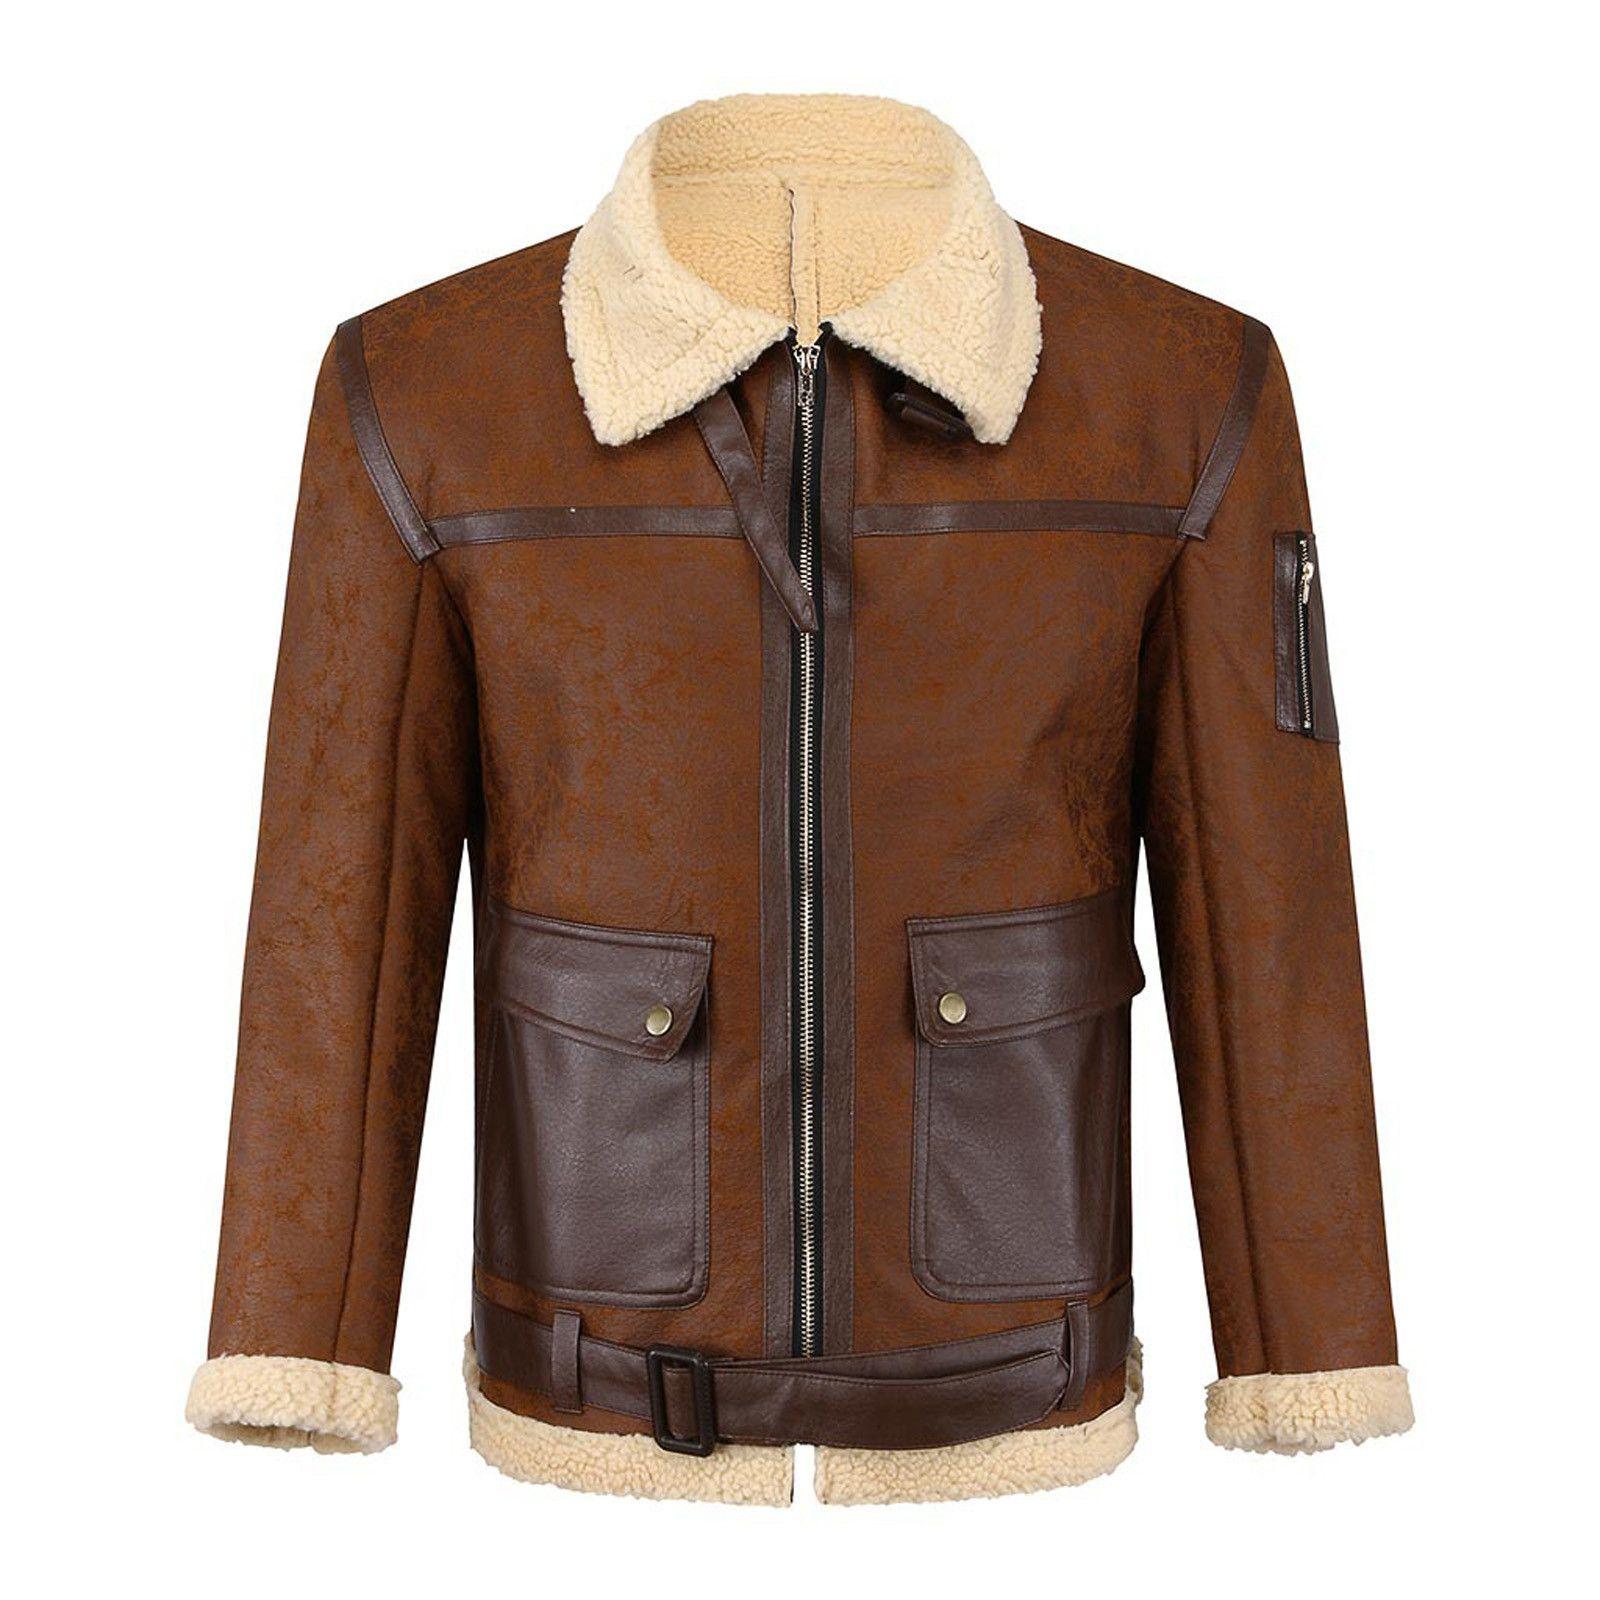 Coluré à manches longues occasionnel pour hommes Veste en cuir chaleureux et coupe-vent Hommes Collier Collier Collier Collier Coche de poche # G30